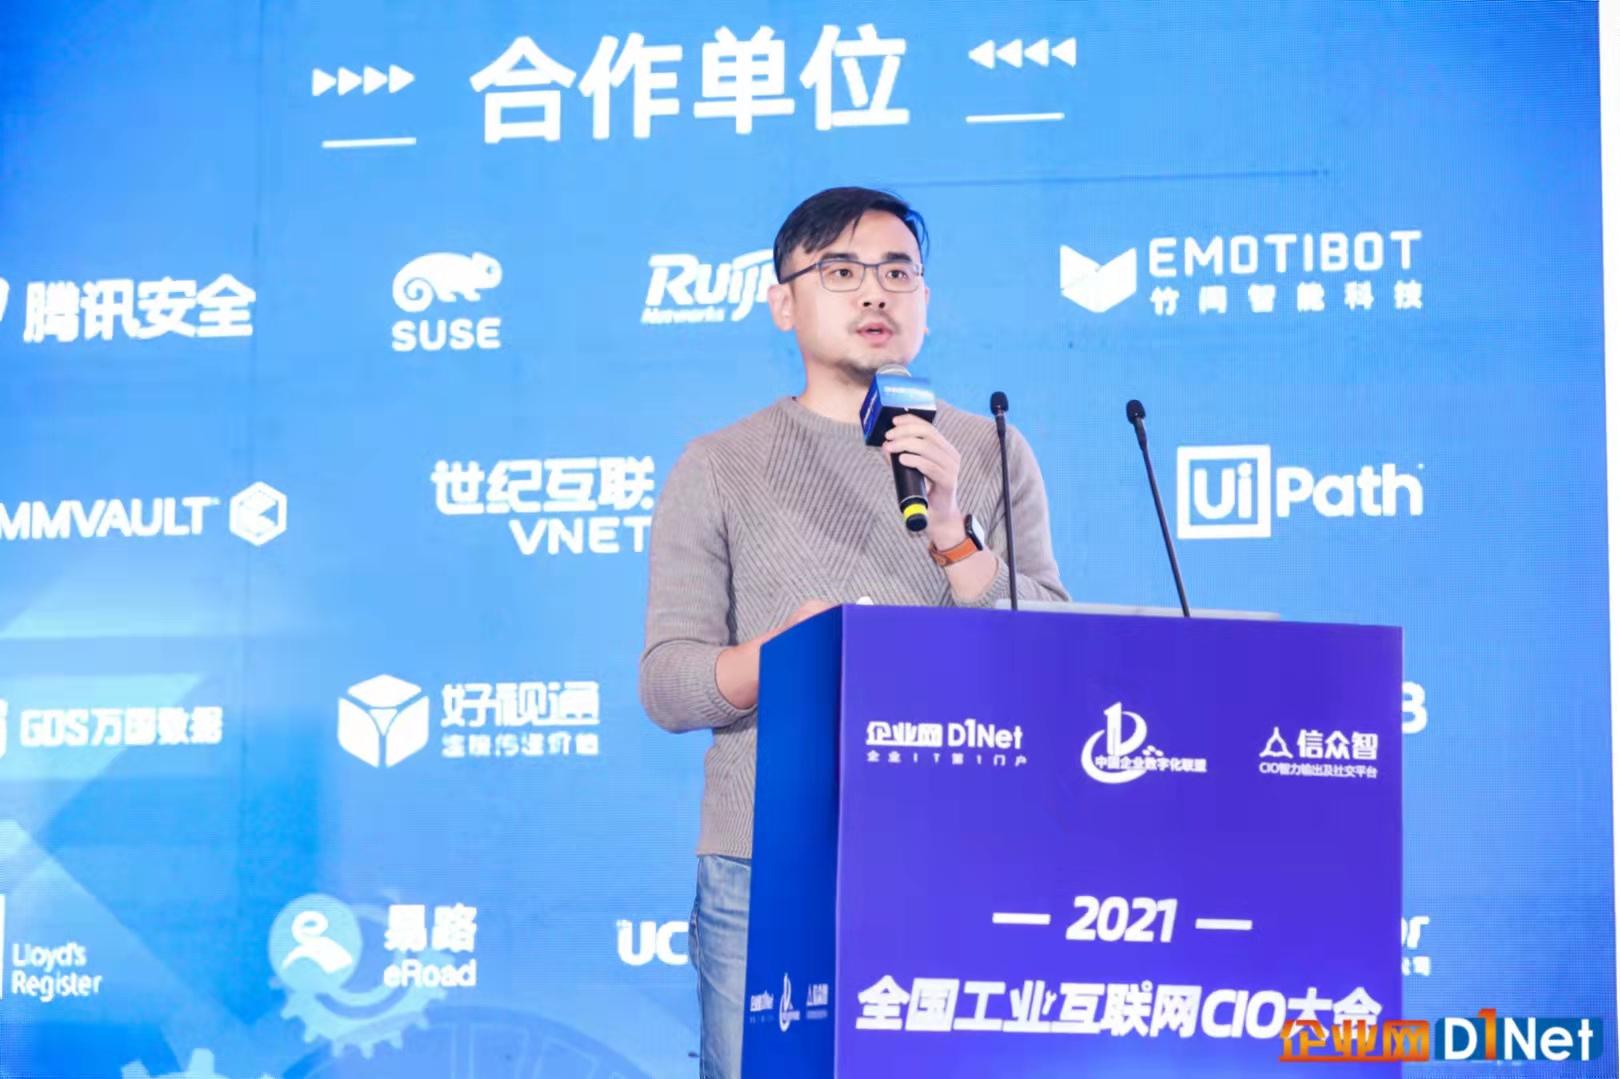 川源亮相工业互联网CIO大会——全闪原生技术核心引擎全面升级高端制造业